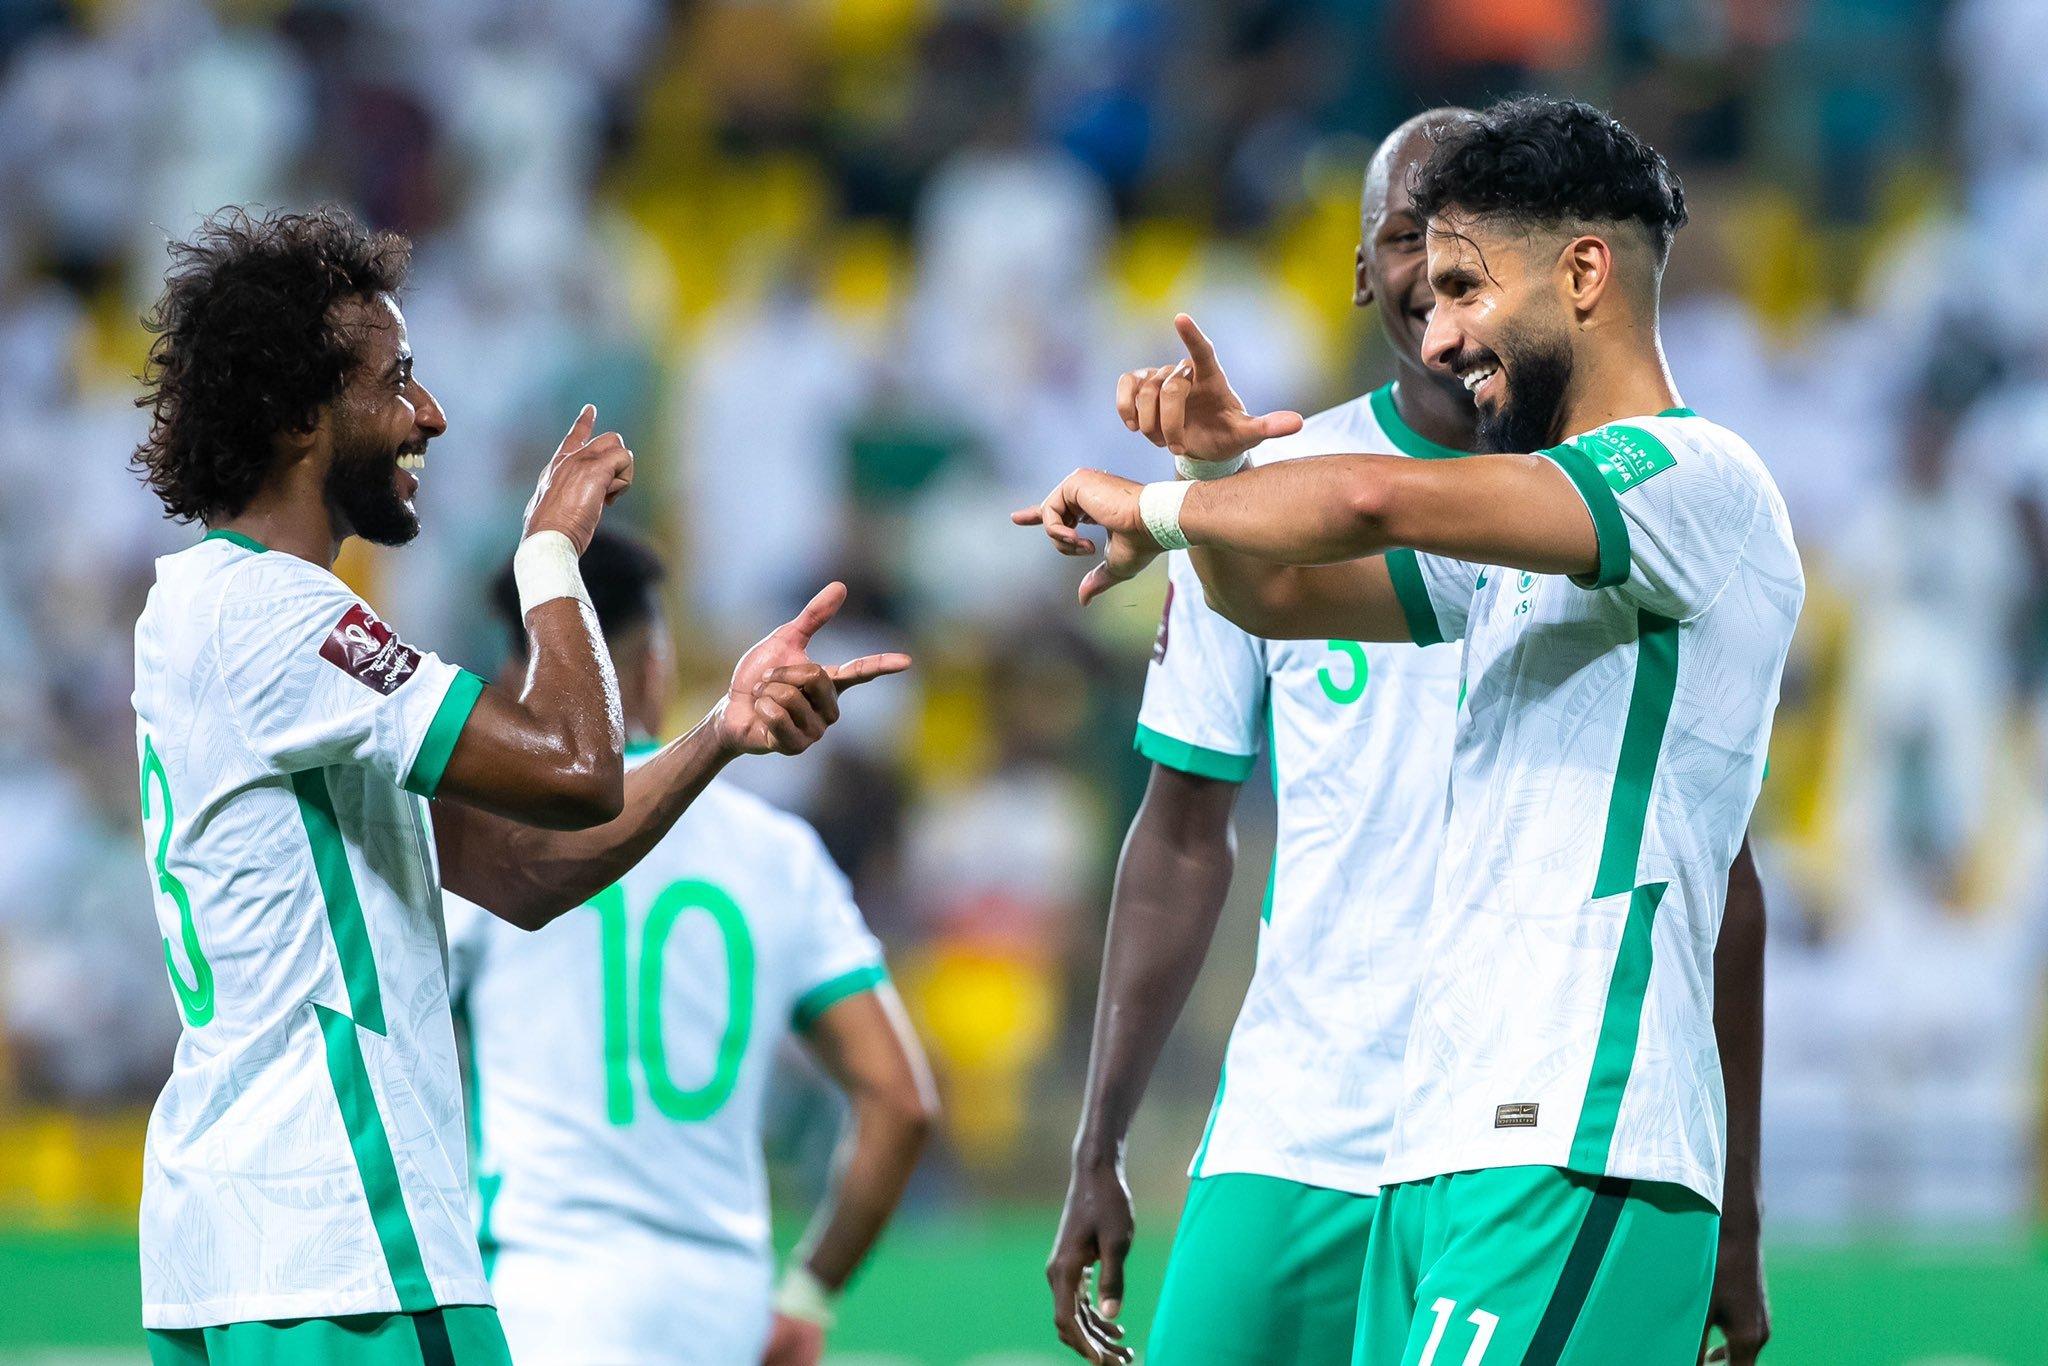 HLV Saudi Arabia: Không ngờ tuyển Việt Nam có bàn thắng trước